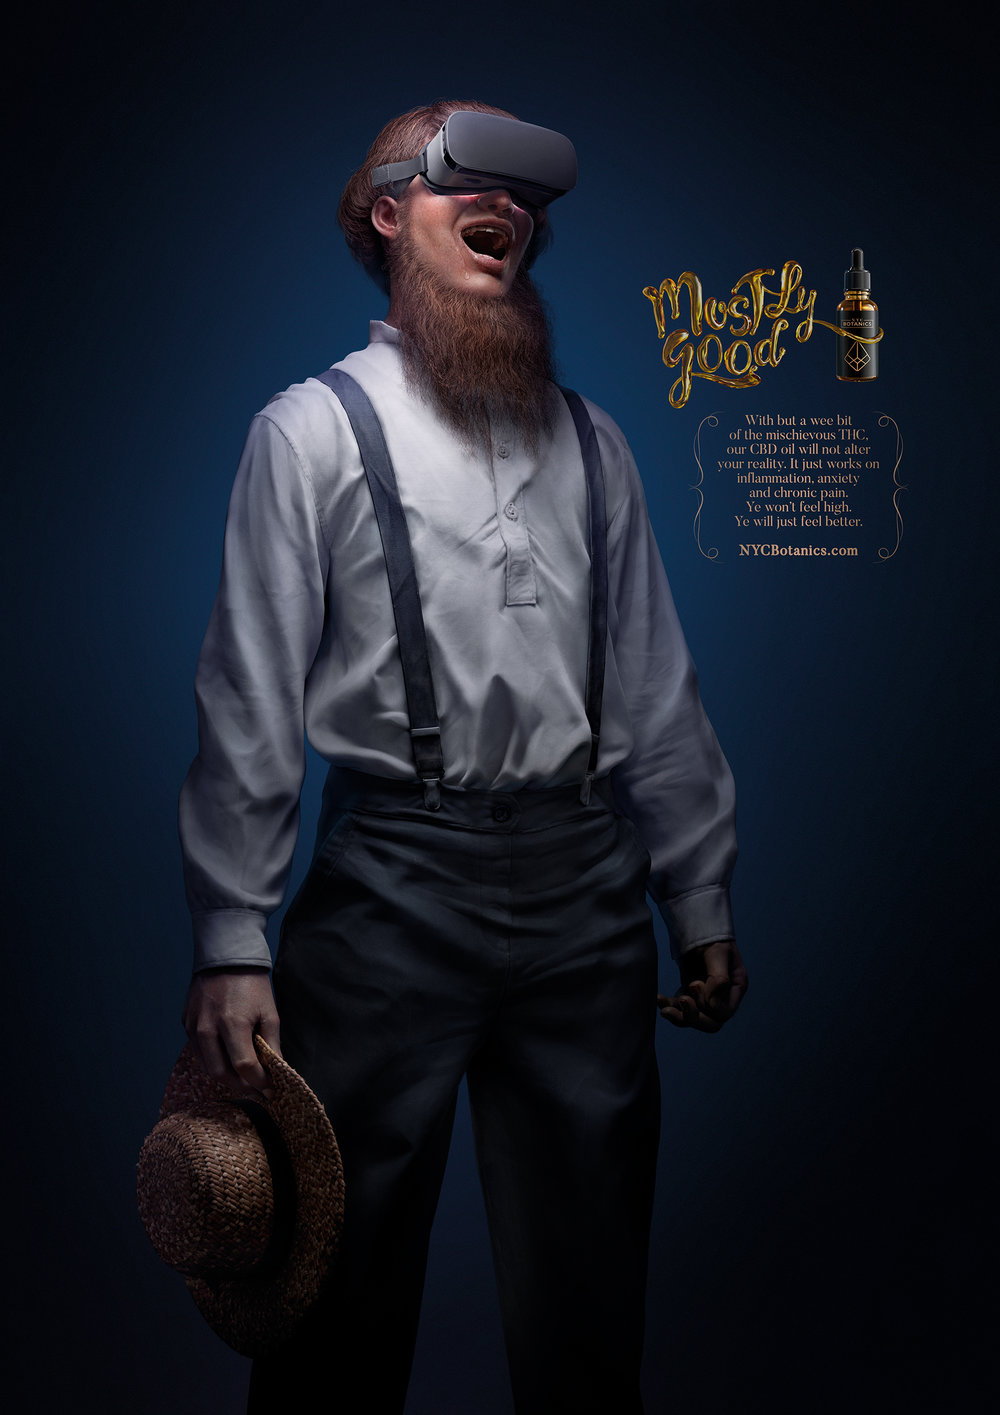 C_Mostly_Good_Amish_9_Srgb.jpg